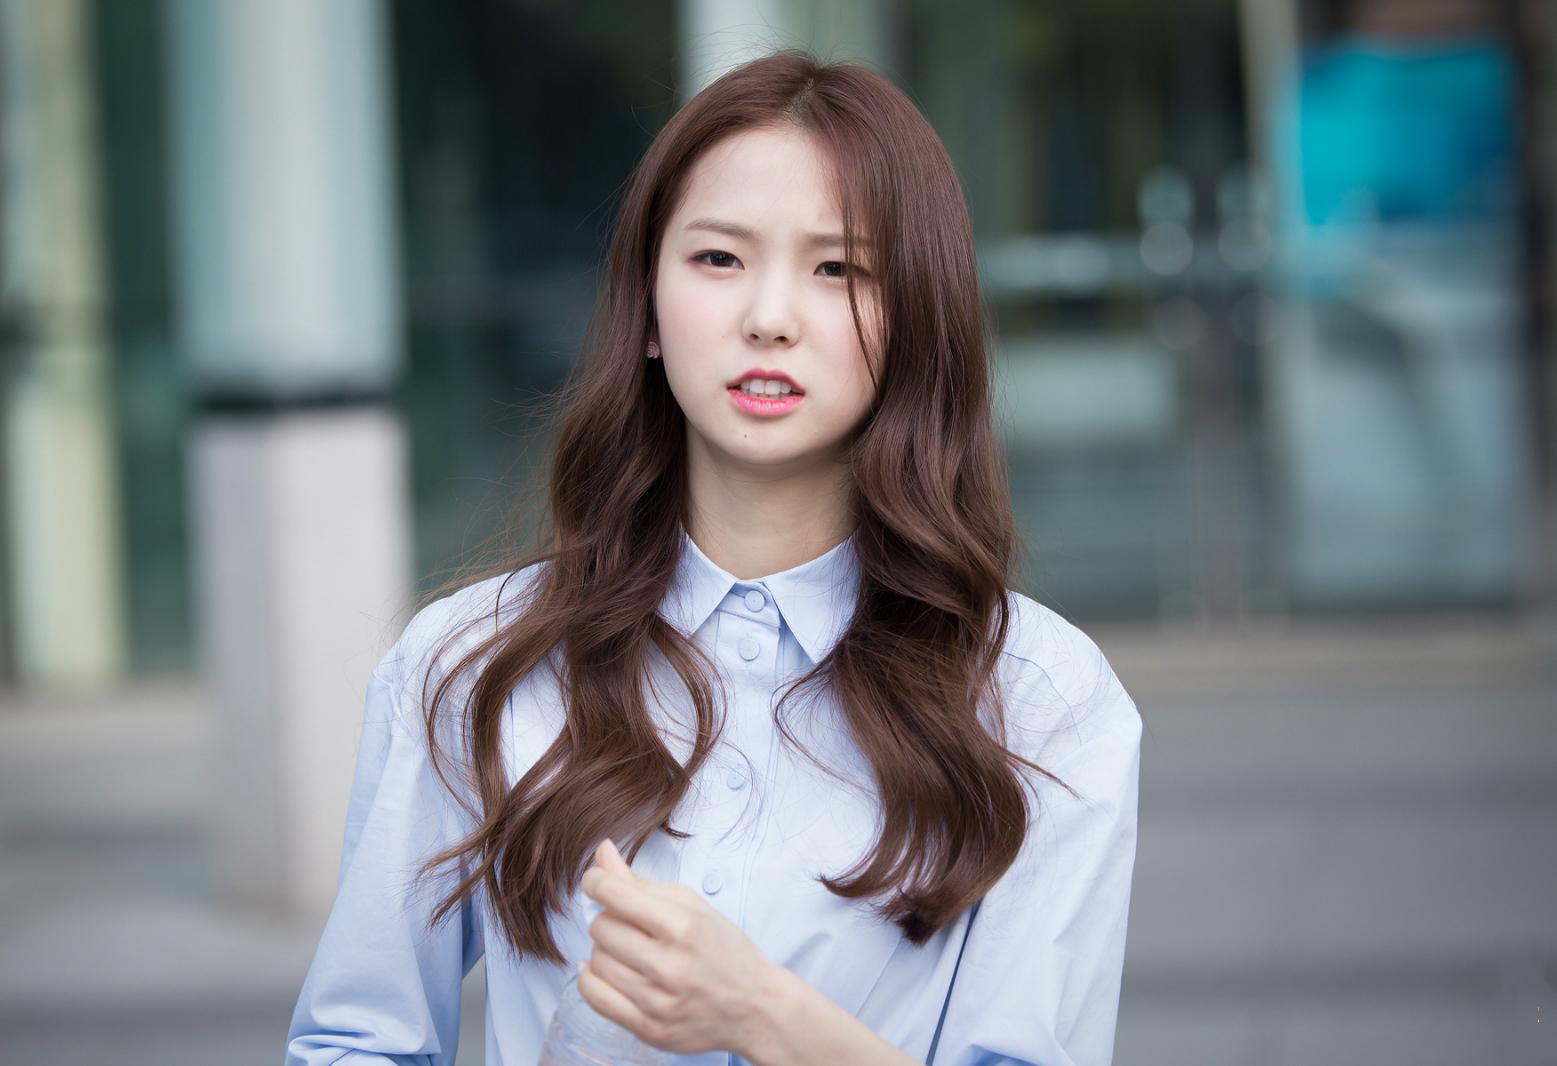 2013年4月30日,与韩国男子组合BEAST成员梁耀燮发表Cube Voice Project家族合作单曲《Perfume》[2]。 2014年,受邀参演BTOB歌曲《Beep Beep》的MV。 2015年3月9日,经纪公司CUBE Entertainment公布她的首张出道预告照[1];3月13日,出道实录综艺节目《CLCs Love Chemistry》正式播出;3月17日,随组合发行首张迷你专辑《First Love》,并公开主打曲目《PEPE》[3];4月16日,组合公开首个单曲《Eig